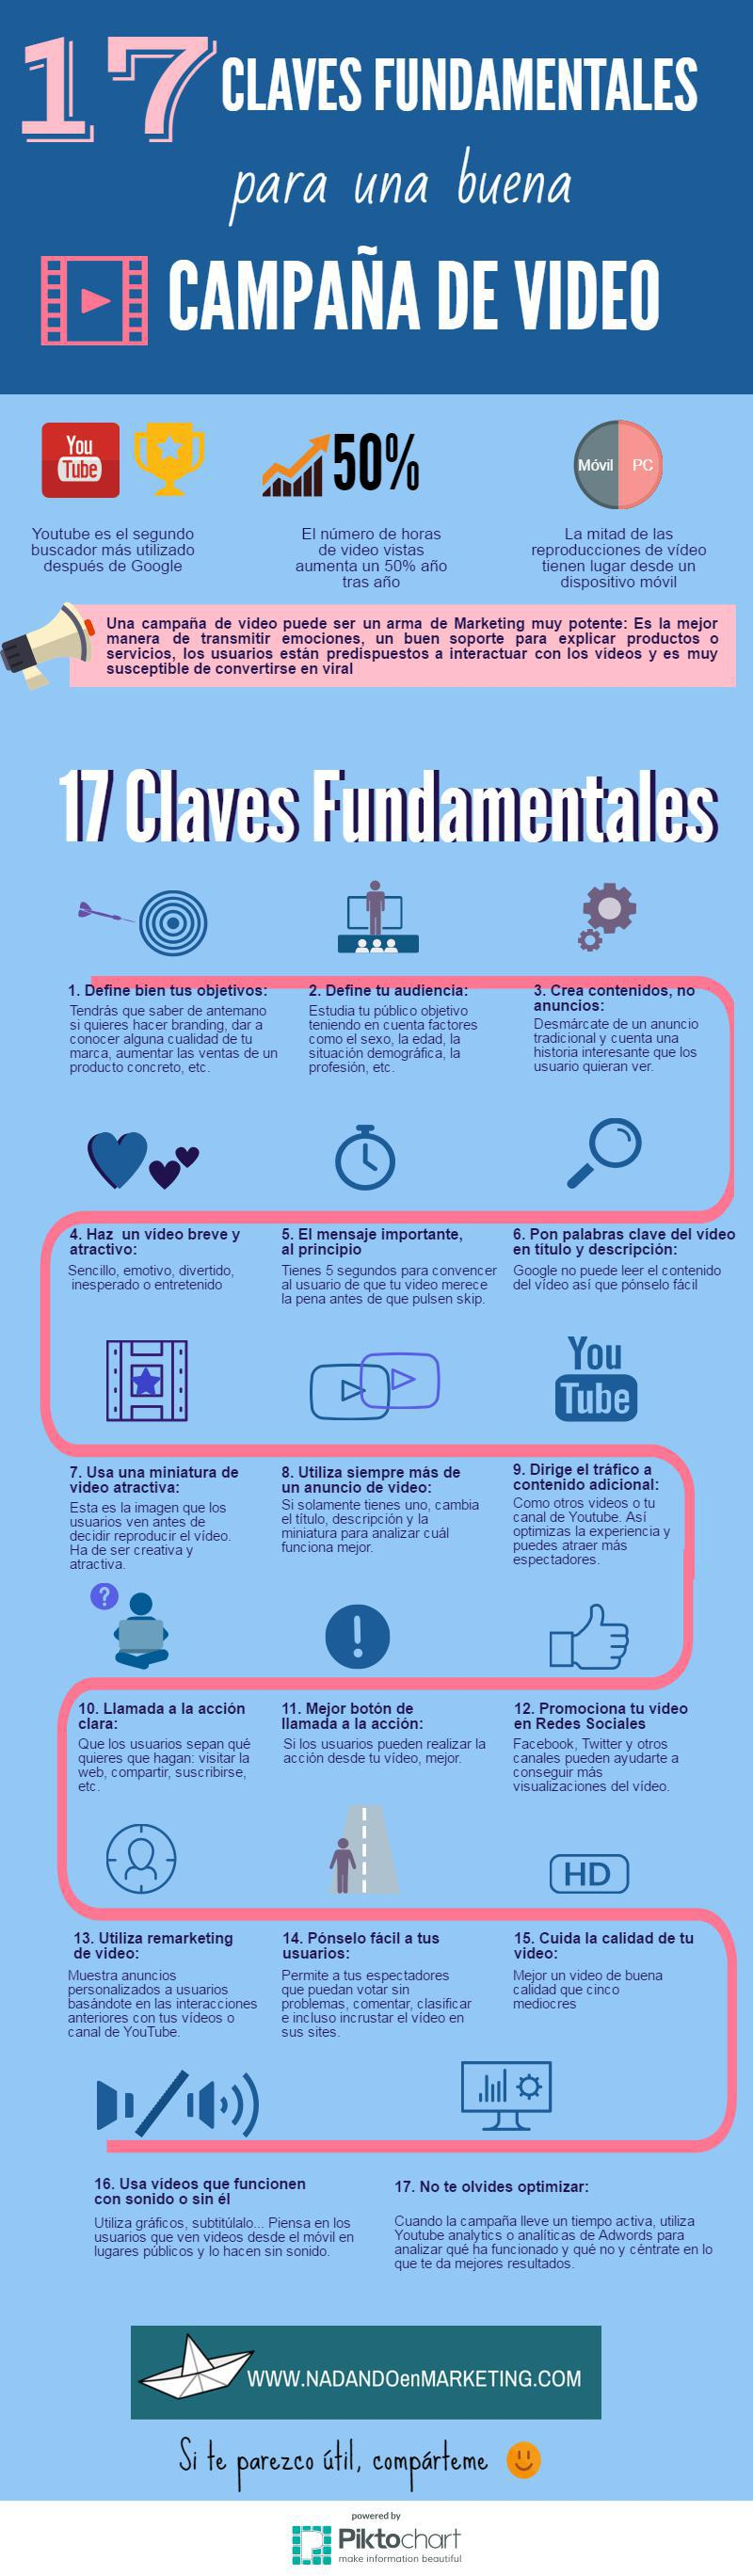 17 Claves fundamentales para una buena campaña de video